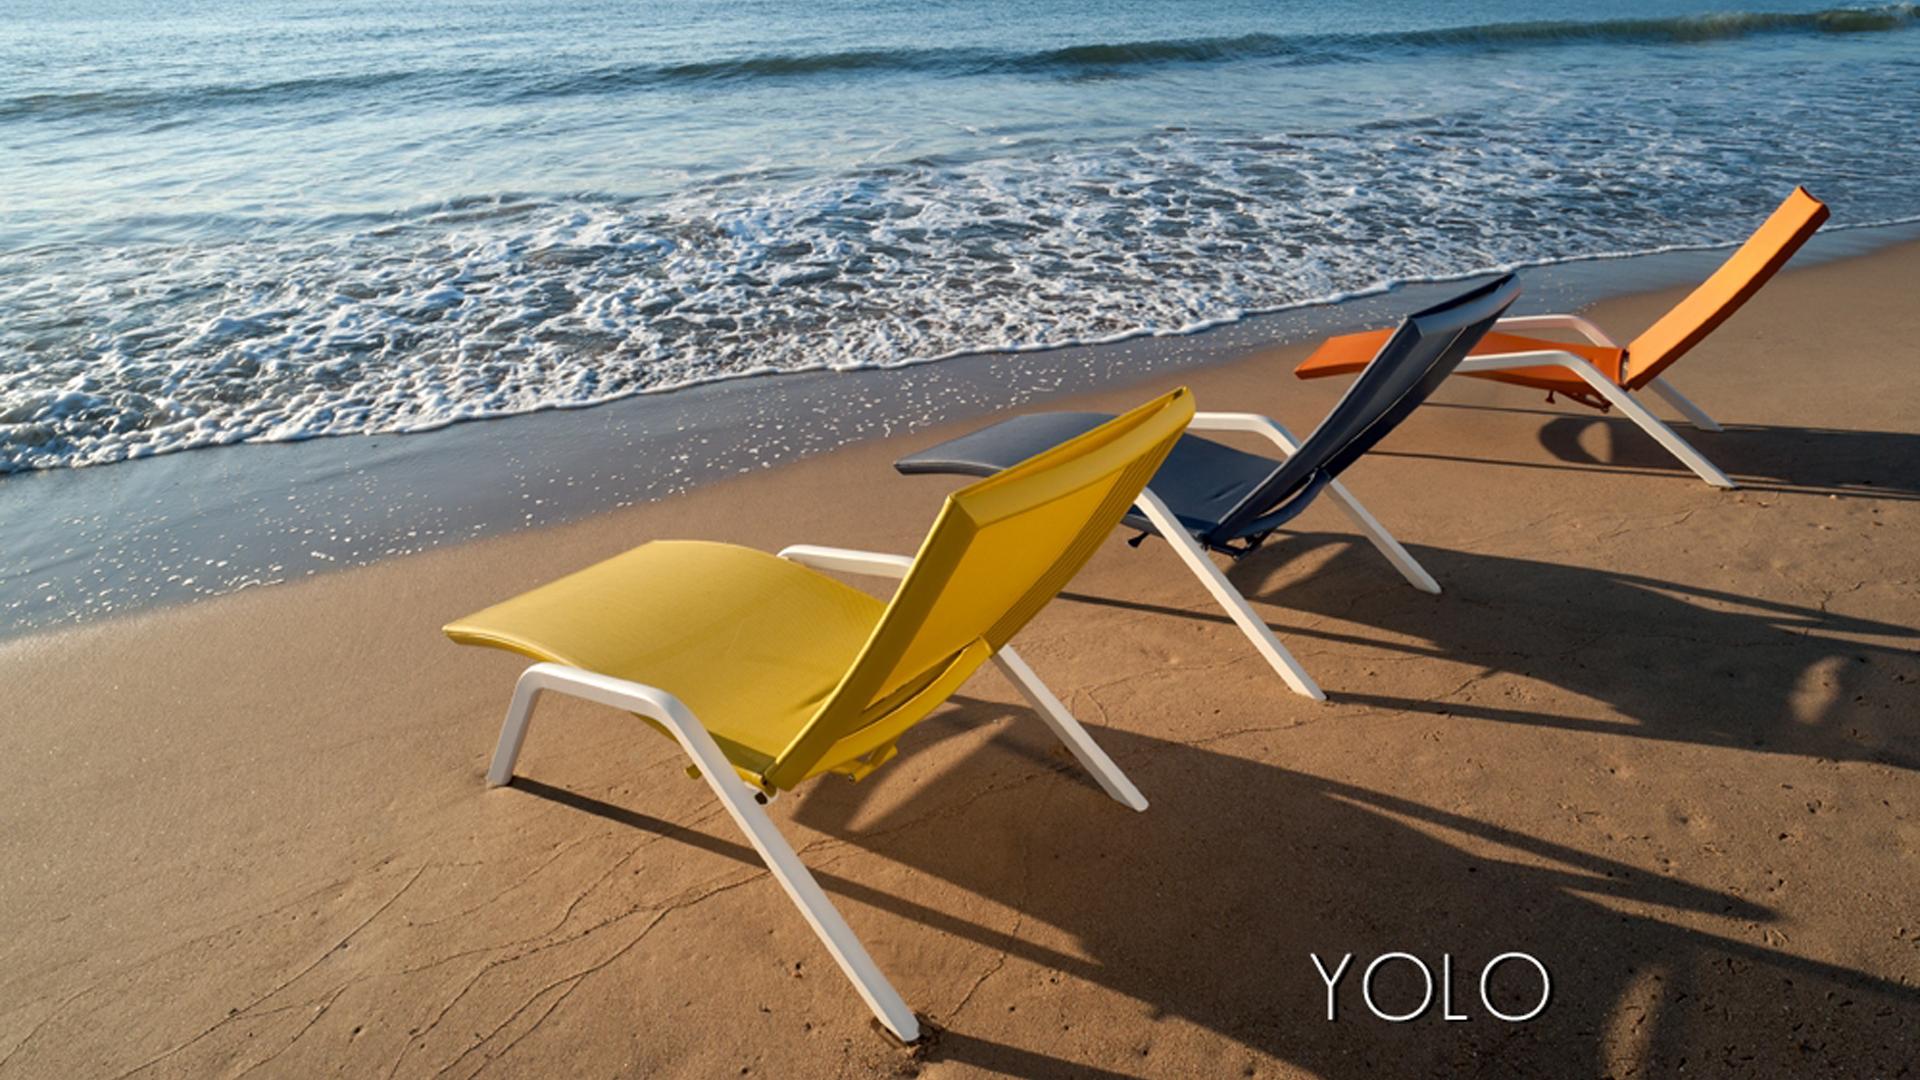 Le bain de soleil YOLO est une chaise longue designée par Claude Robin pour LES JARDINS AIX-EN-PROVENCE. Cette chaise longue est idéale pour l'ameublement extérieur, c'est une chaise longue de jardin, une chaise longue de piscine, une chaise longue de terrasse. Le bain de soleil YOLO convient parfaitement pour l'ameublement d'hotel. Cette chaise longue design dispose d'une originalité toute particulière grace à son système de réglage de dossier. L'inclinaison du dossier se modifie facilement par un levier situé sous le siège.